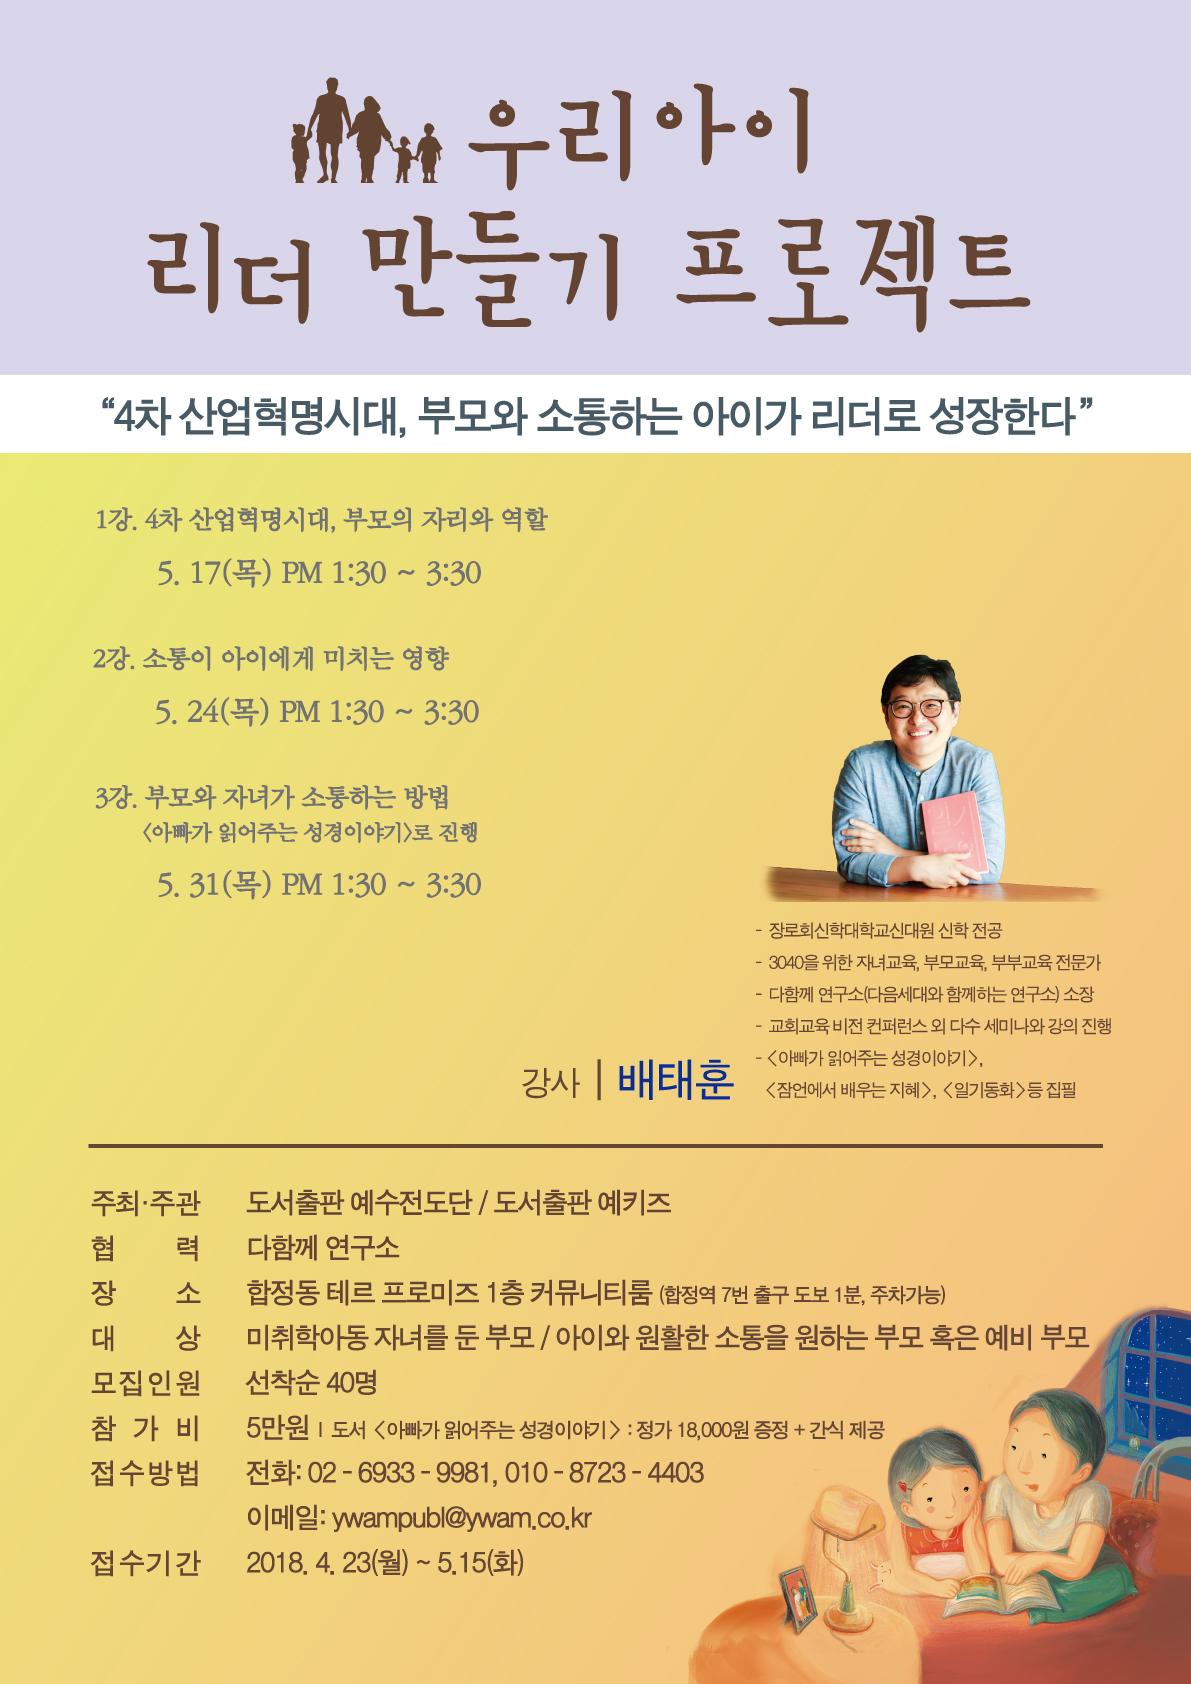 우리아이 리더만들기 프로젝트 세미나_포스터.jpg